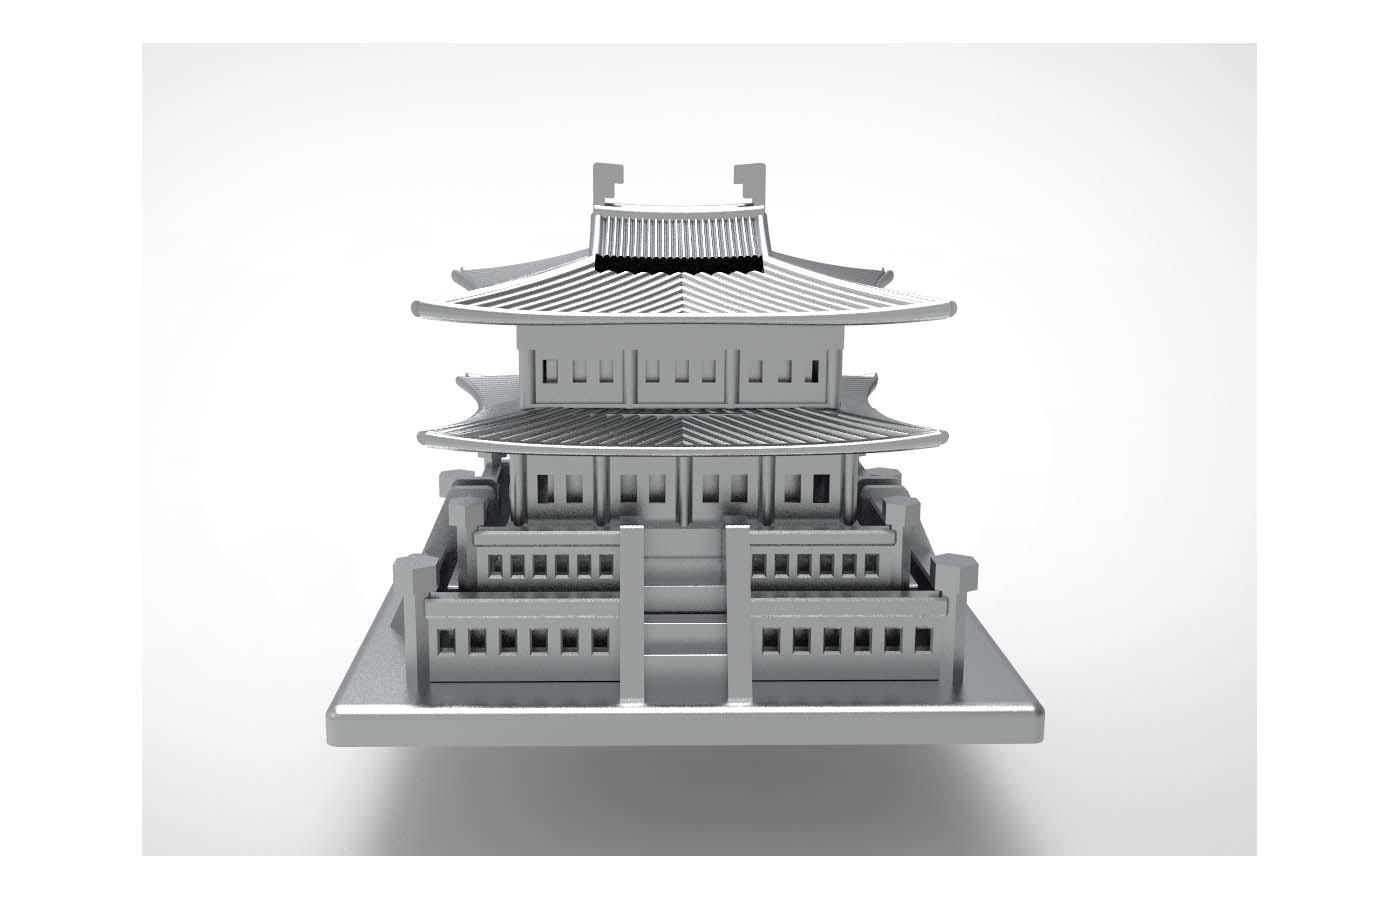 Korean Traditional Architecture Coin Bank ran3.jpg Télécharger fichier STL gratuit Banque Coréenne d'Architecture Traditionnelle de Pièces de monnaie • Design imprimable en 3D, hyojung0320